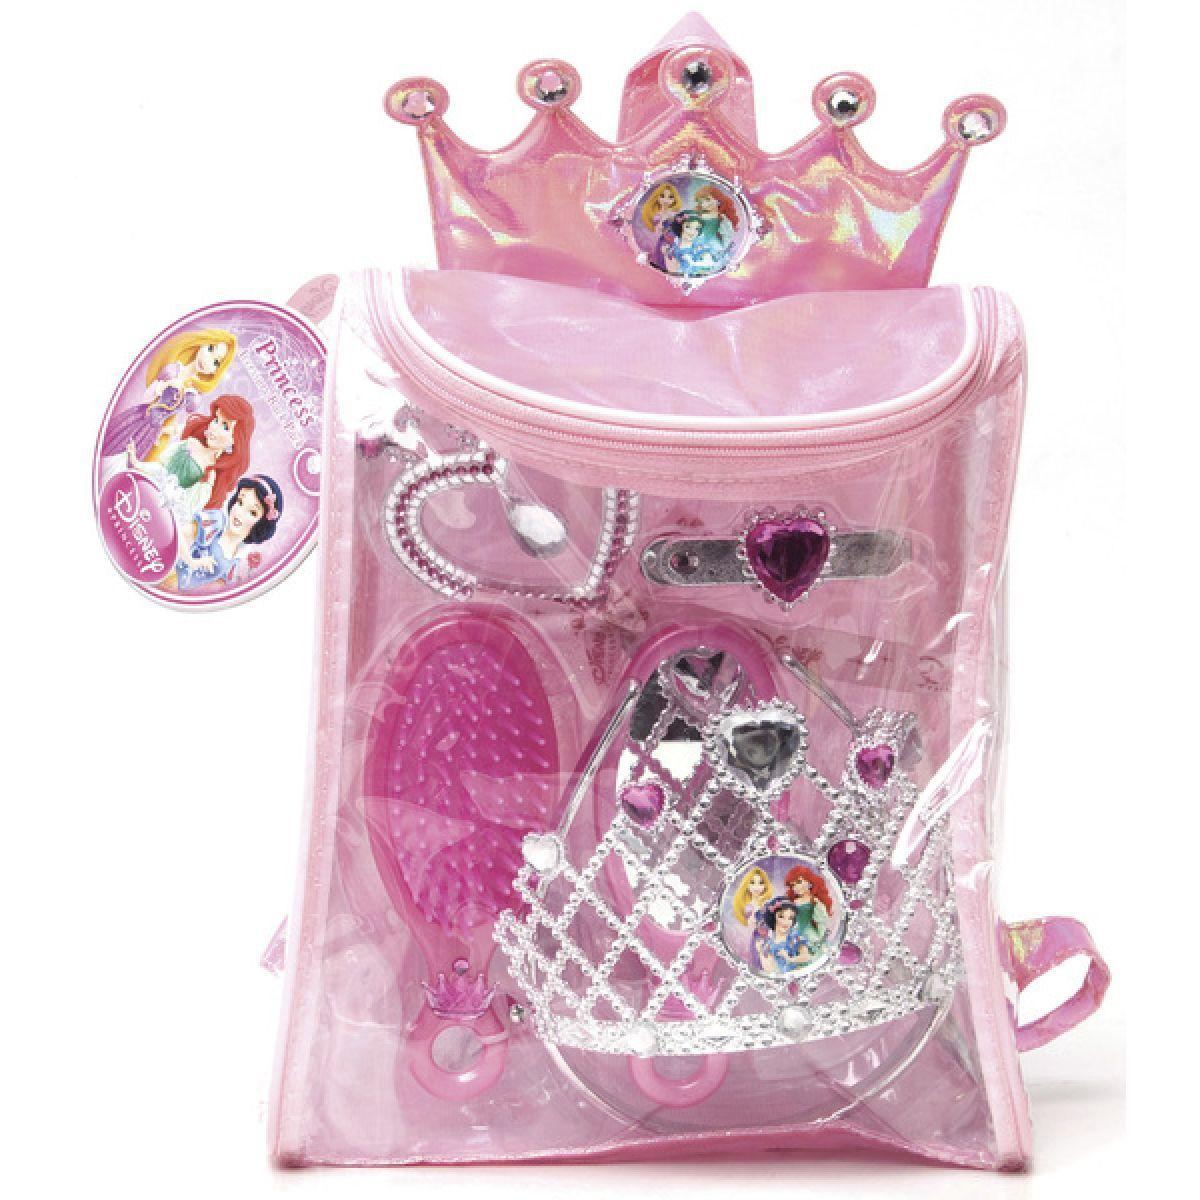 Disney princezny Batůžek s doplňky pro princeznu 9c2475defc